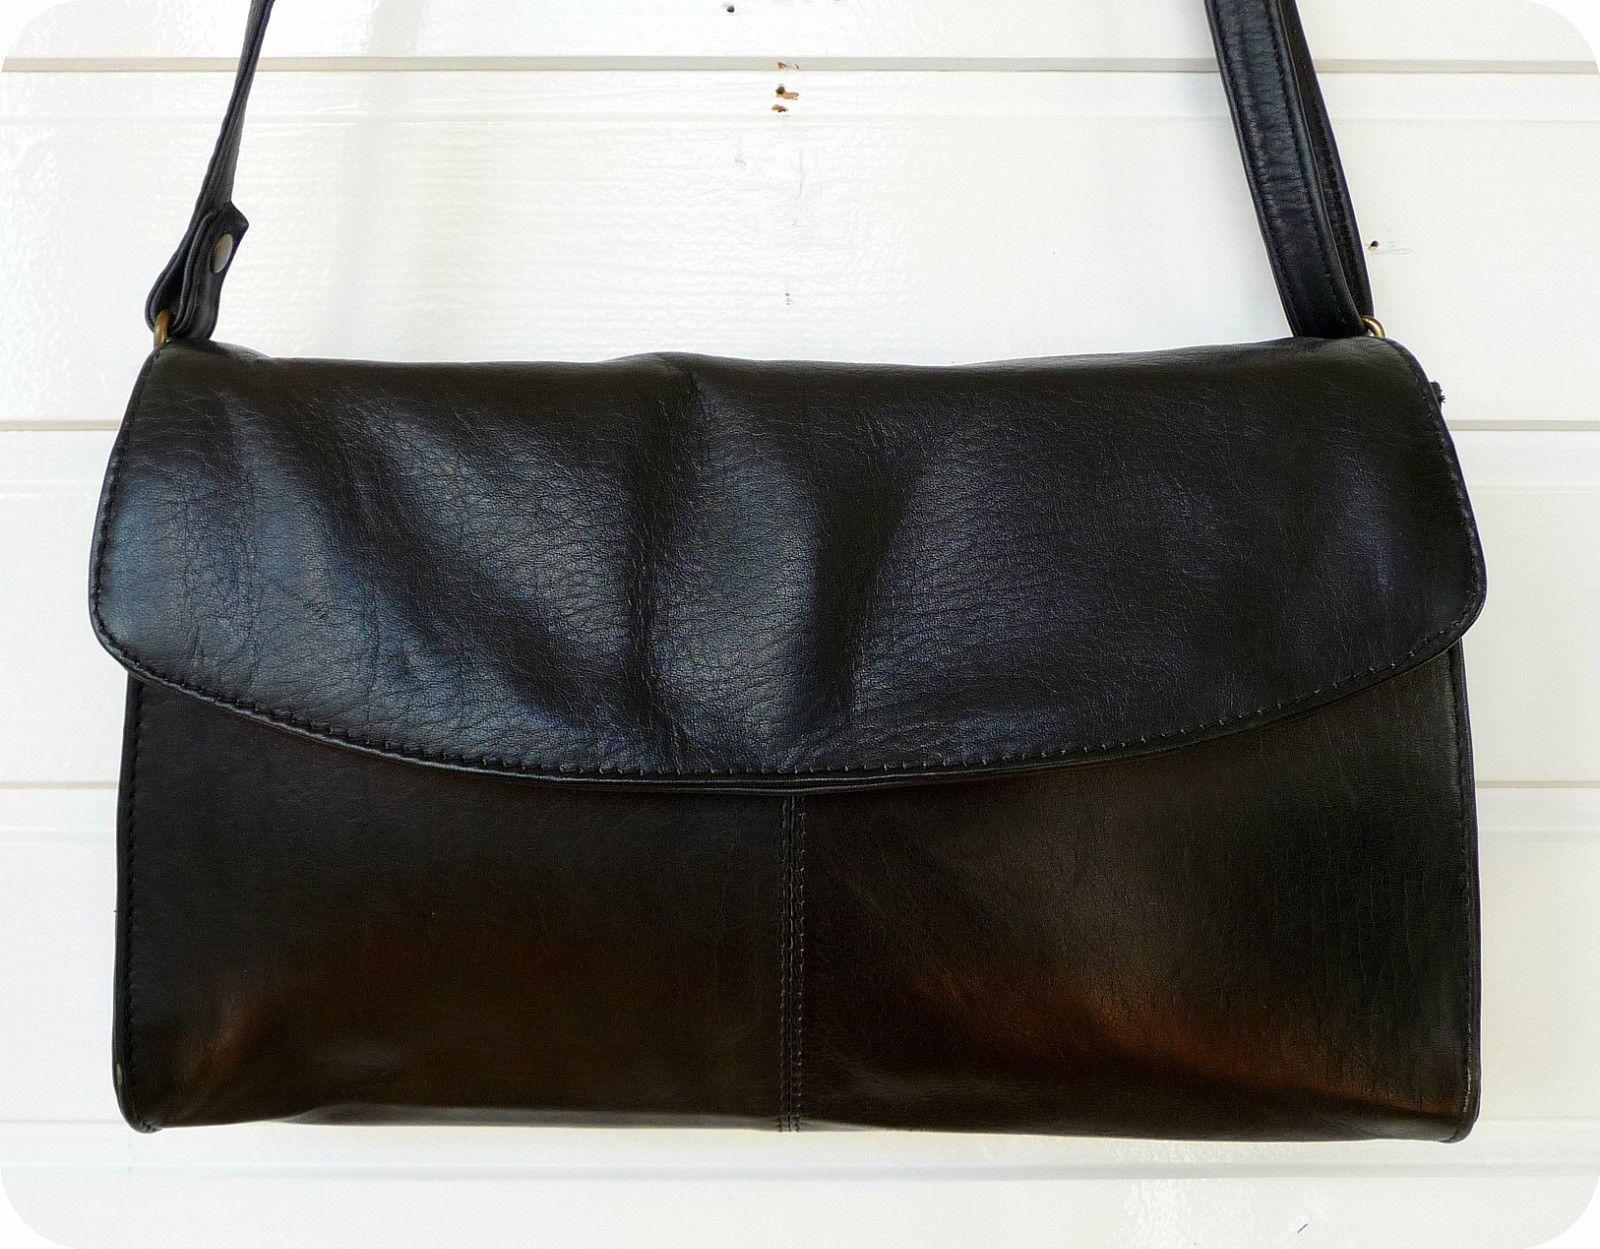 Vintage Tasche XL Clutch Bag Schultertasche Purse Umhängetasche Schwarz Party in Kleidung & Accessoires, Damentaschen | eBay